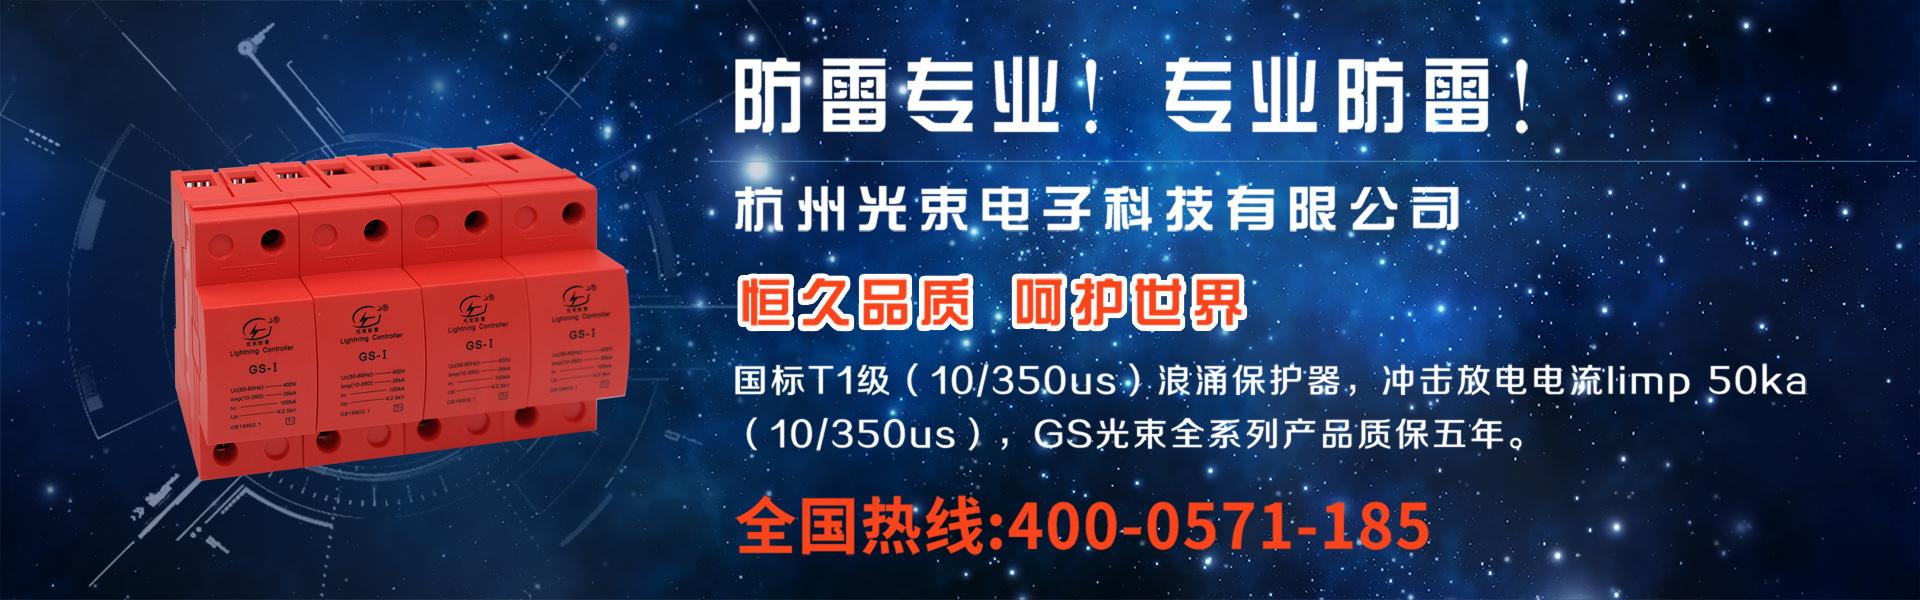 杭州光束厂家直销浪涌保护器,SPD,电涌保护器,防雷模块